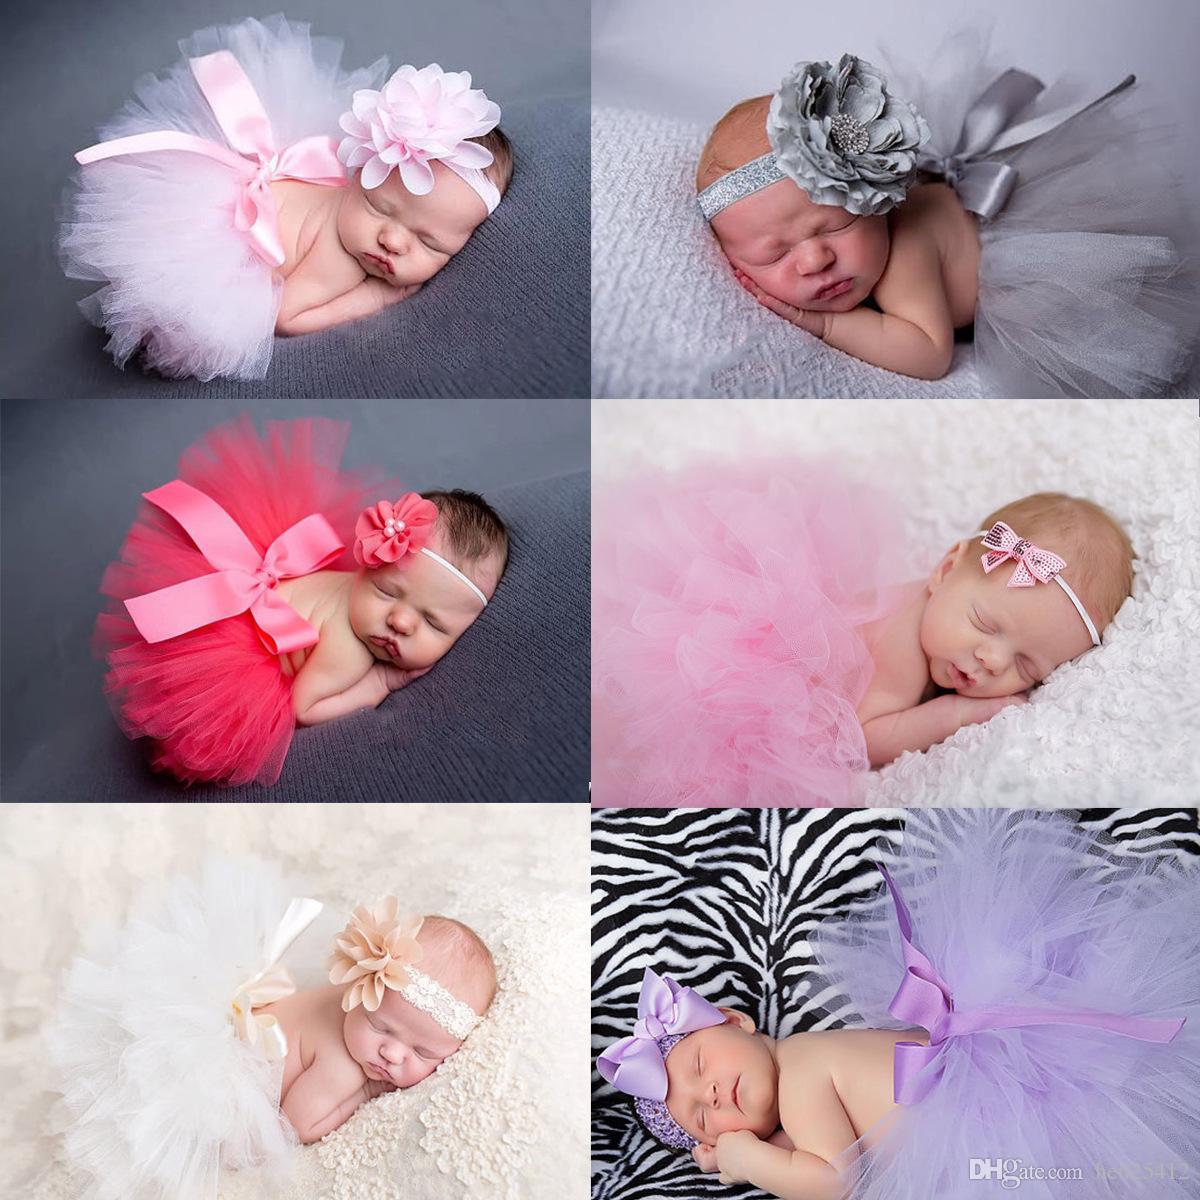 Nueva falda del tutú de los niños pettiskirt fotografía de los niños ropa estudio foto bebé estilo de la foto